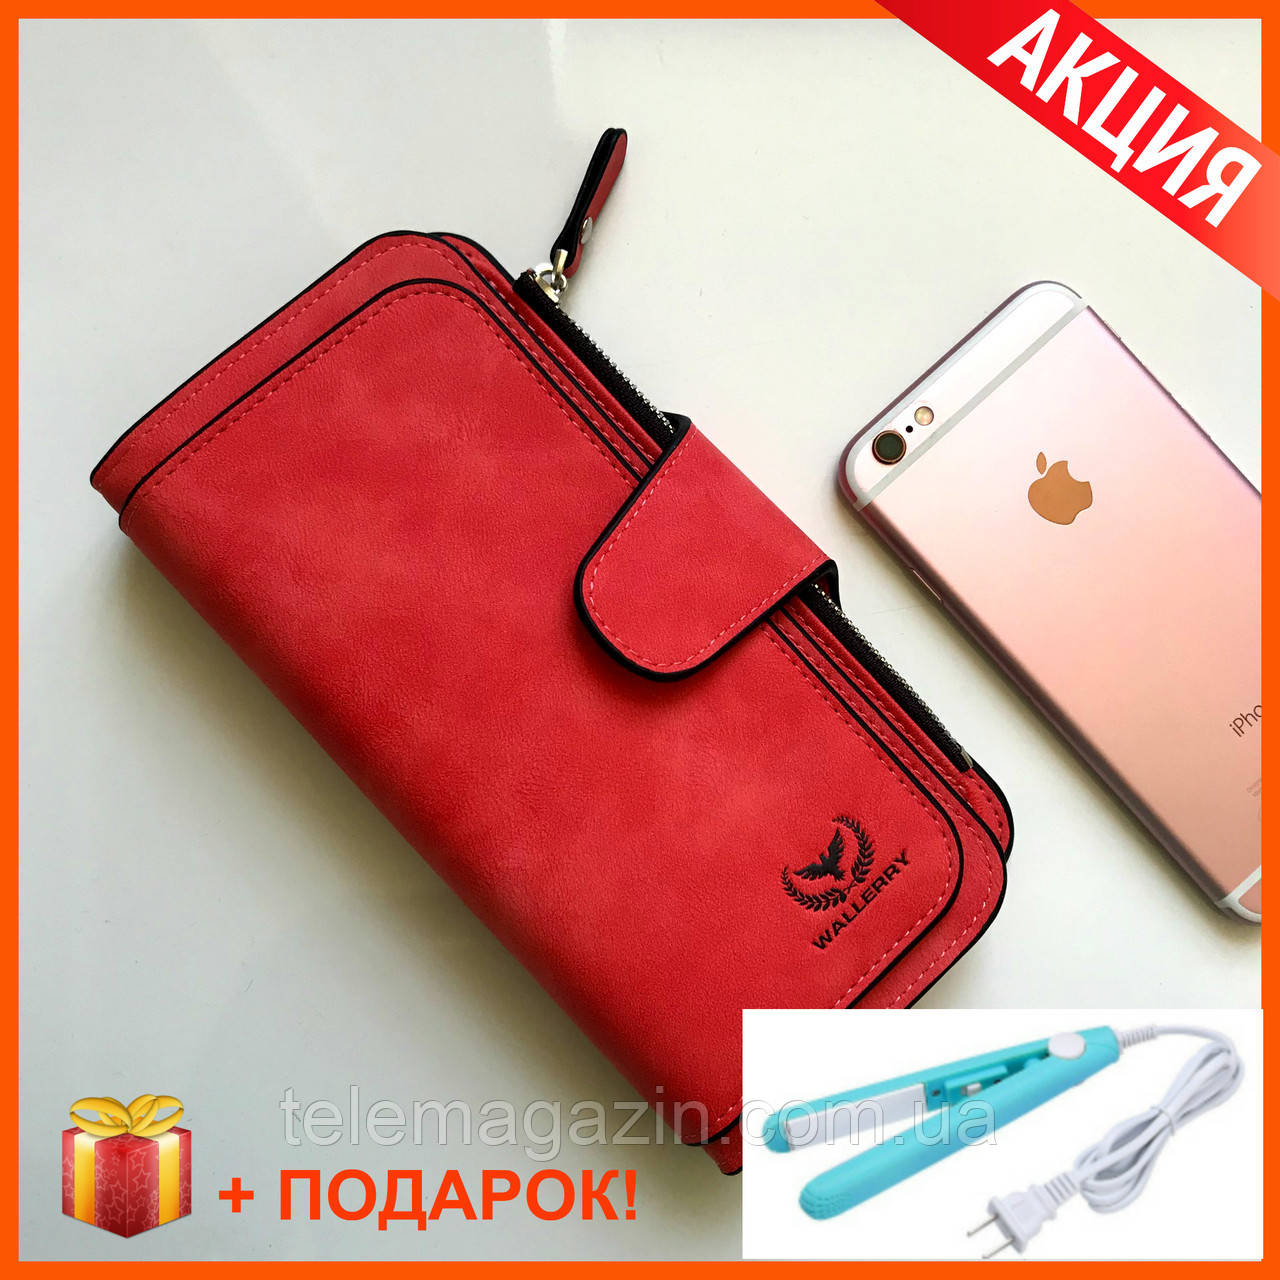 Клатч женский - Портмоне кошелек Wallerry Forever с Утюжком в Подарок!